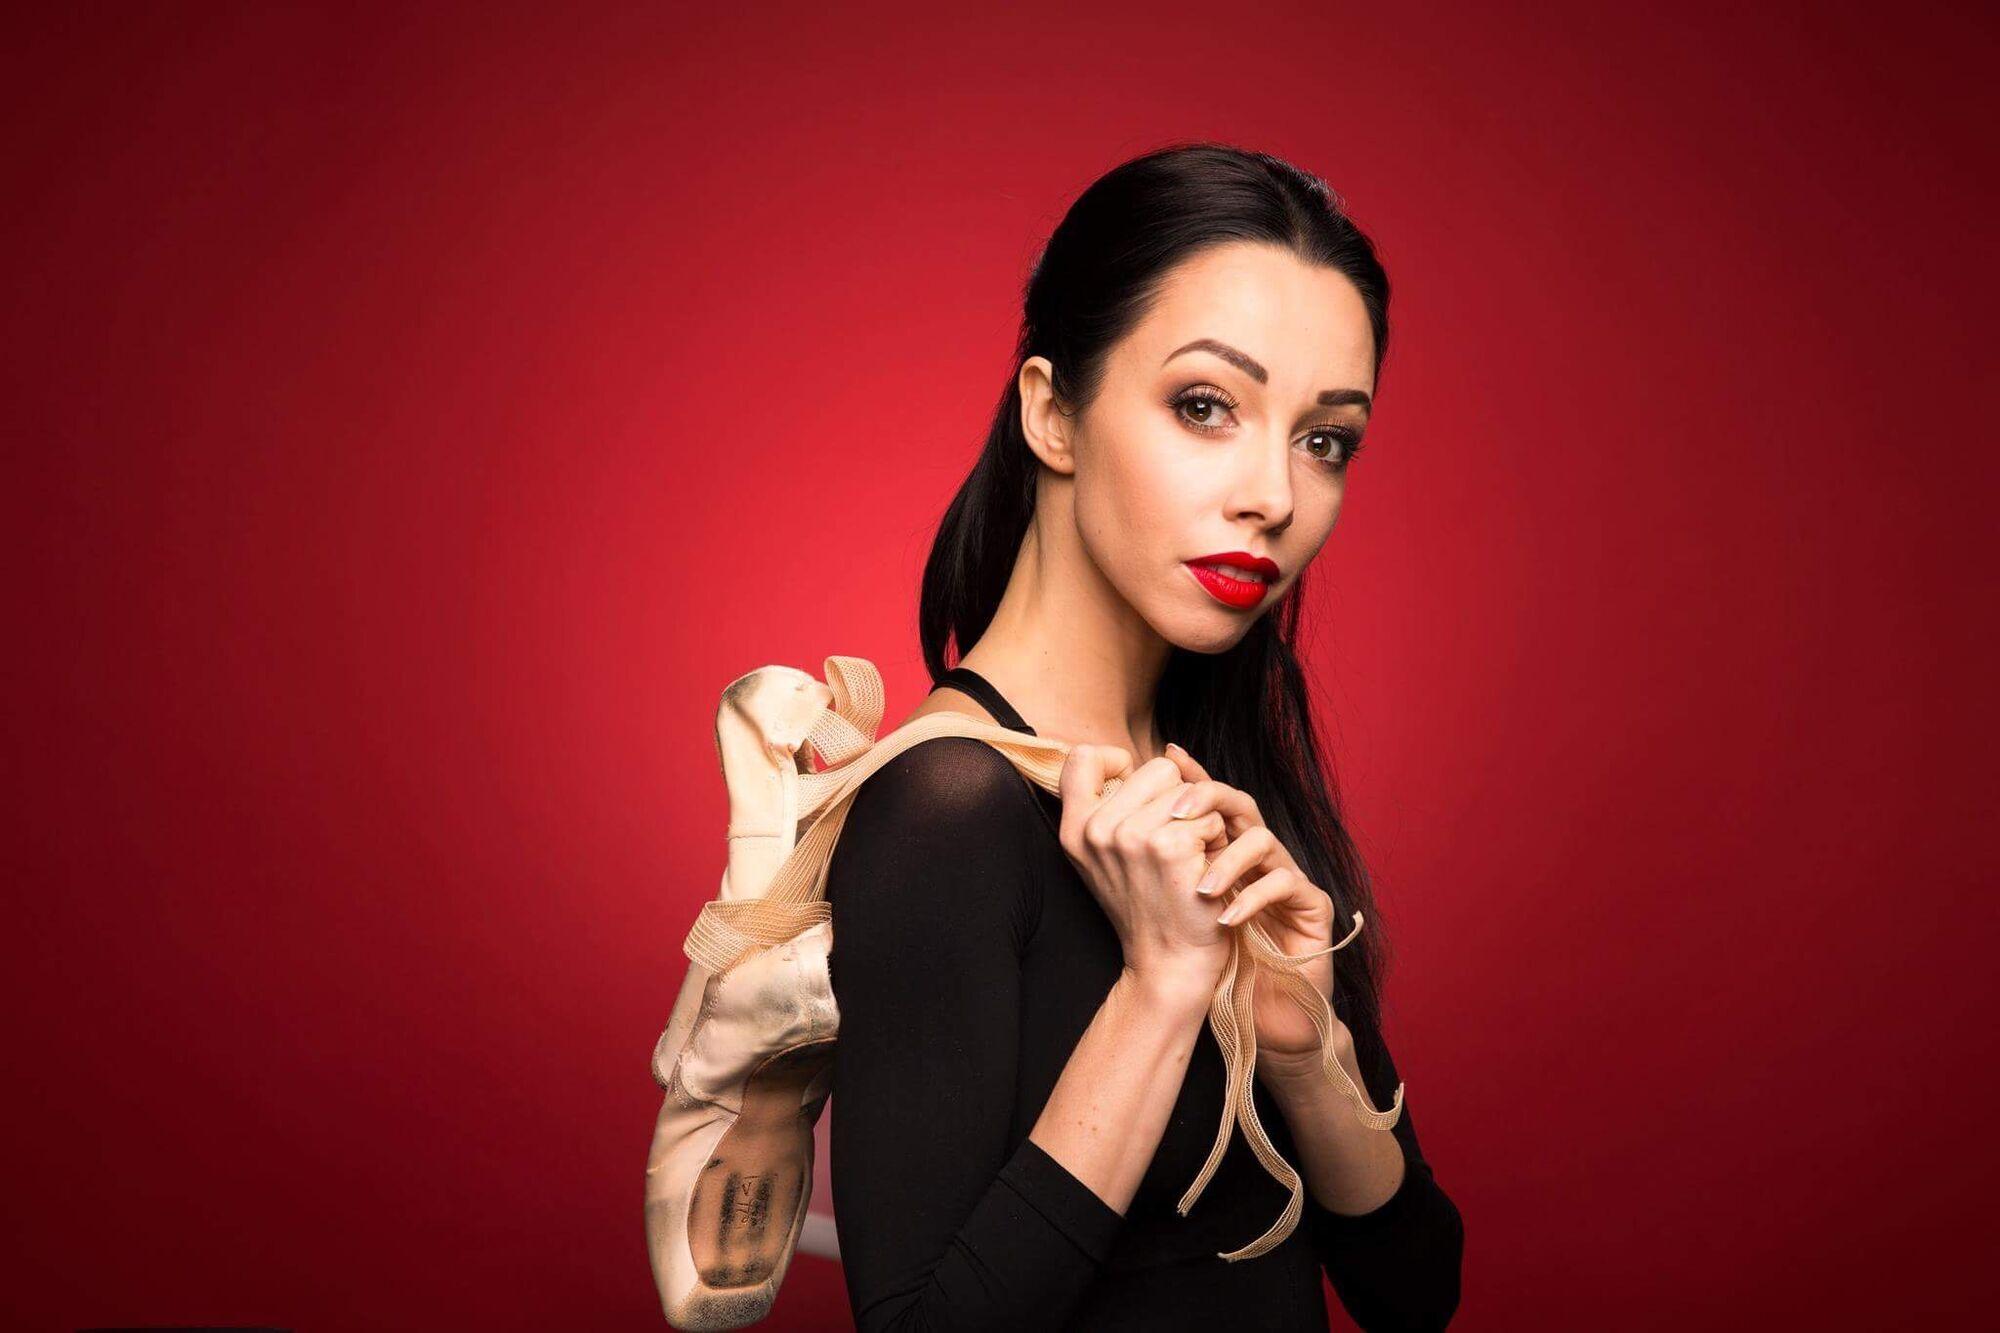 Украинская прима-балерина Екатерина Кухар